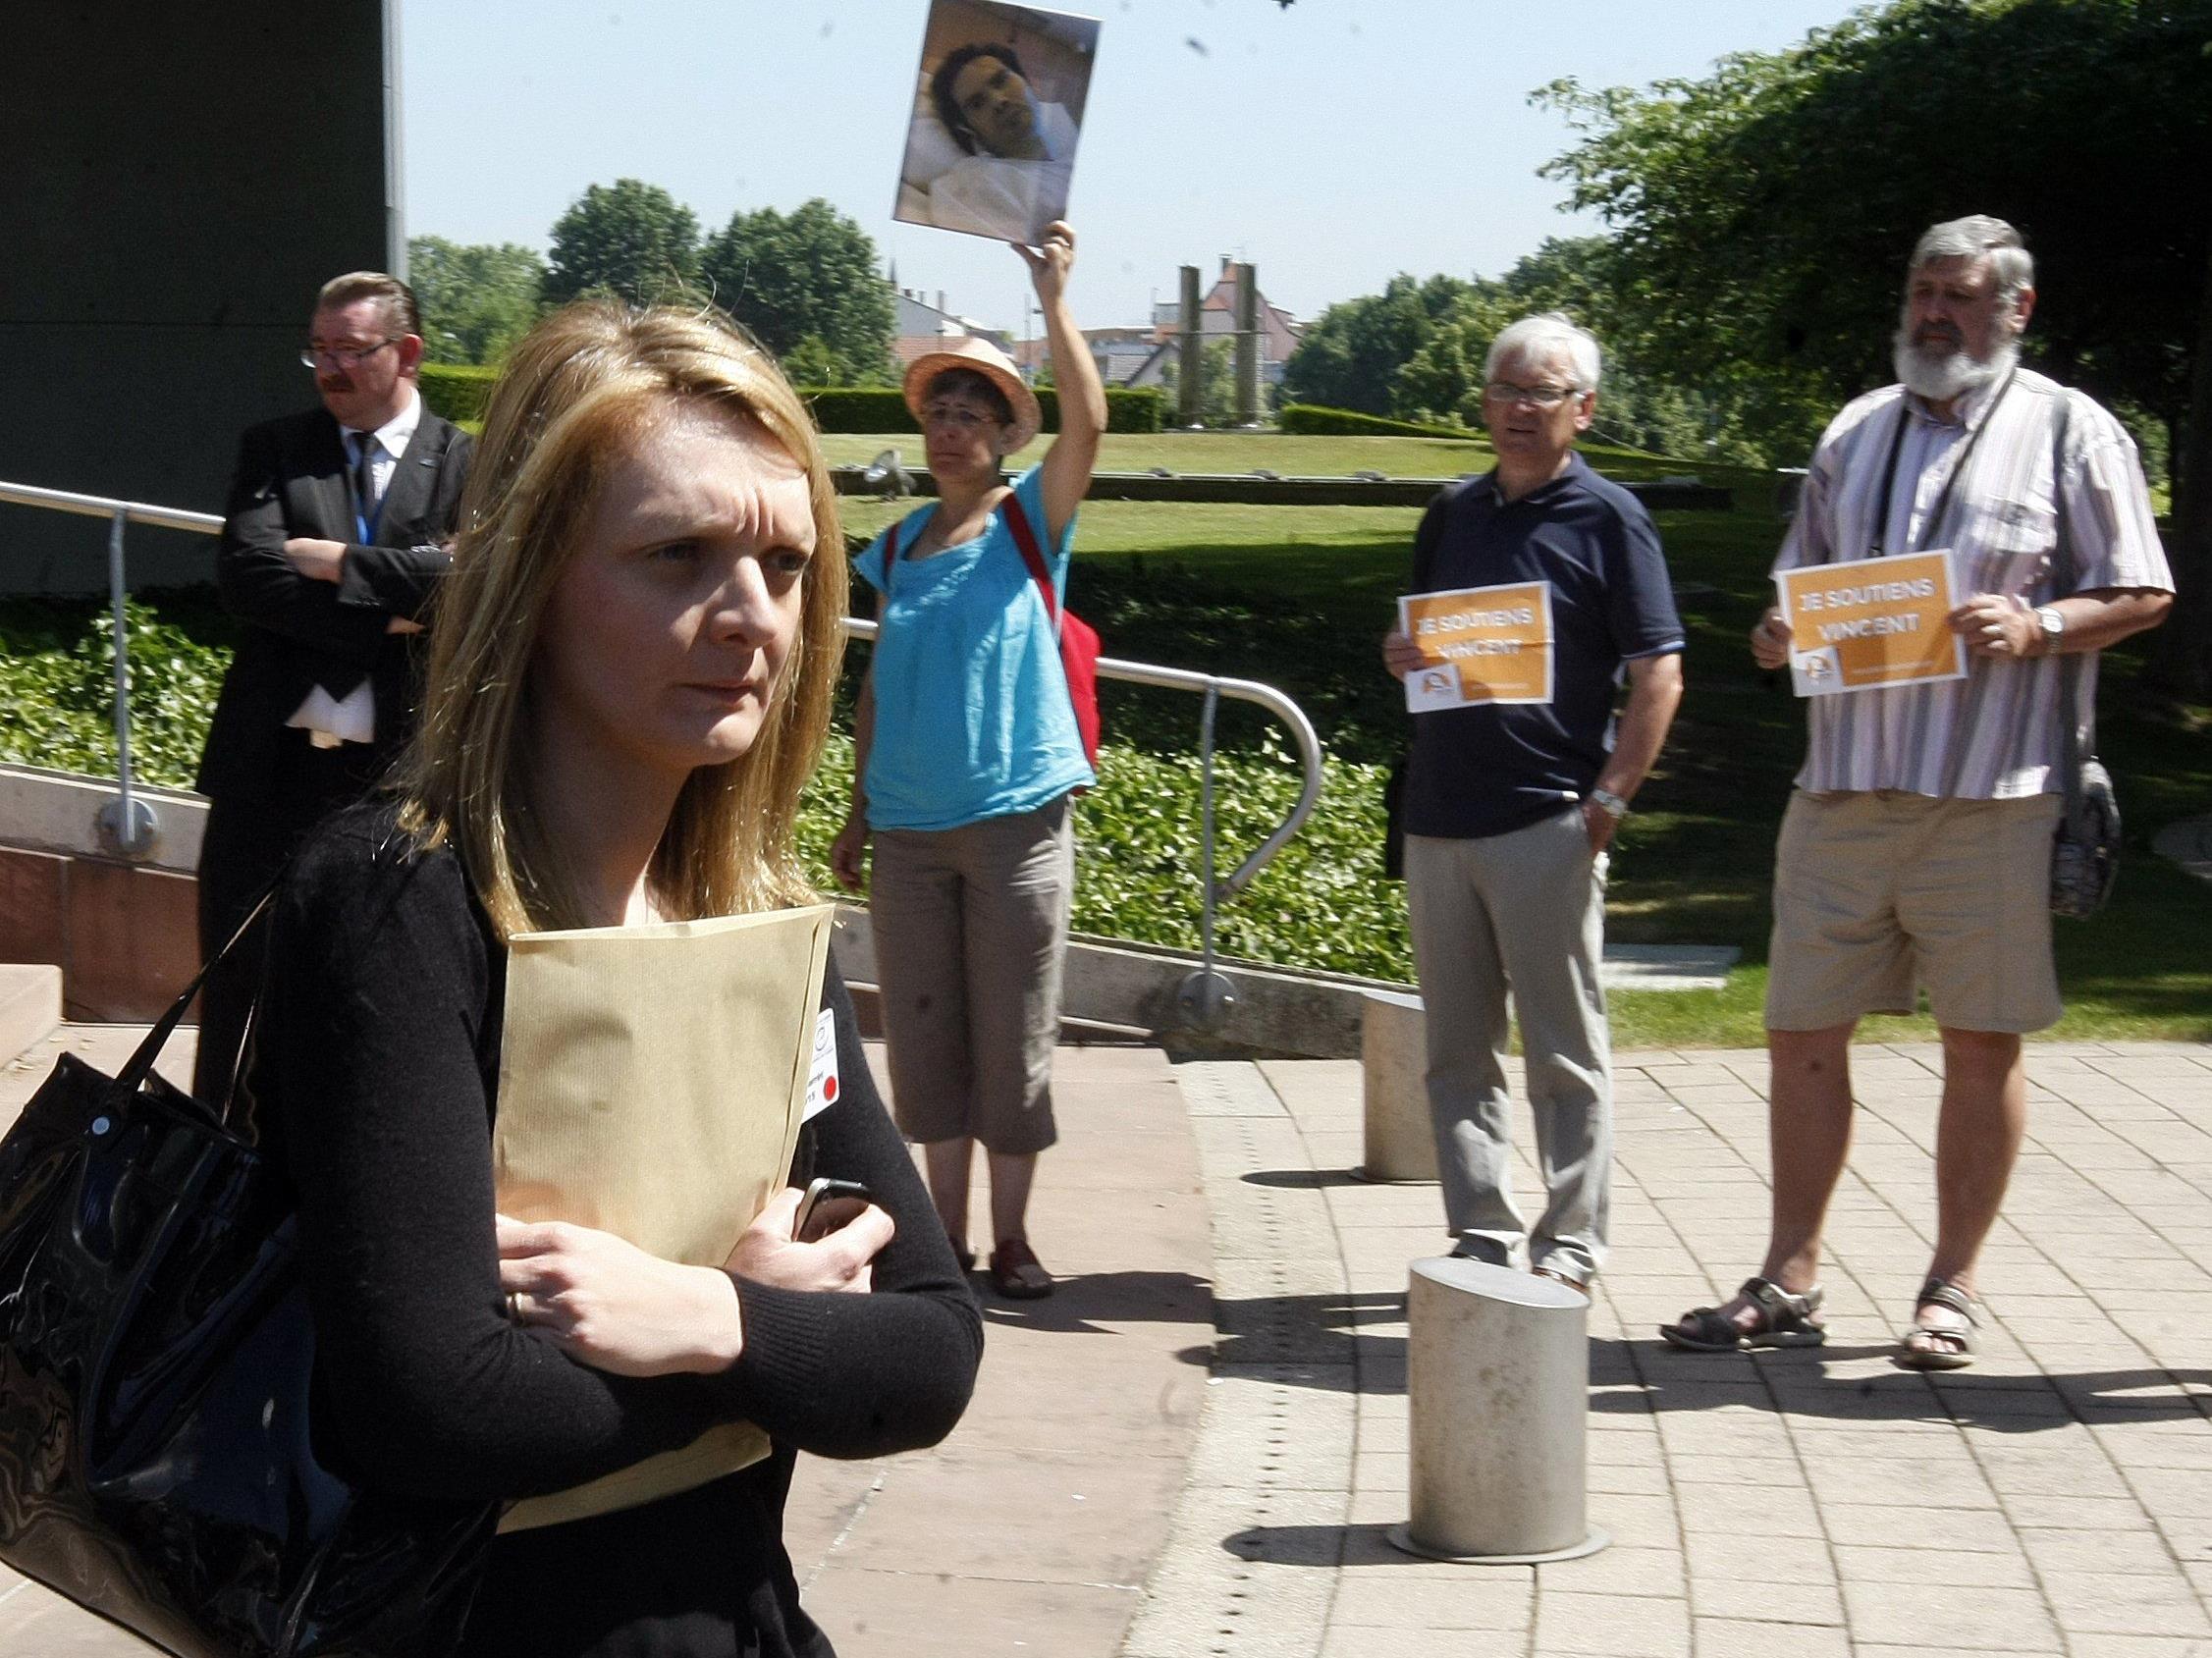 Vincent Lamberts Ehefrau (links) kämpft vor Gericht um sein Recht zu sterben.